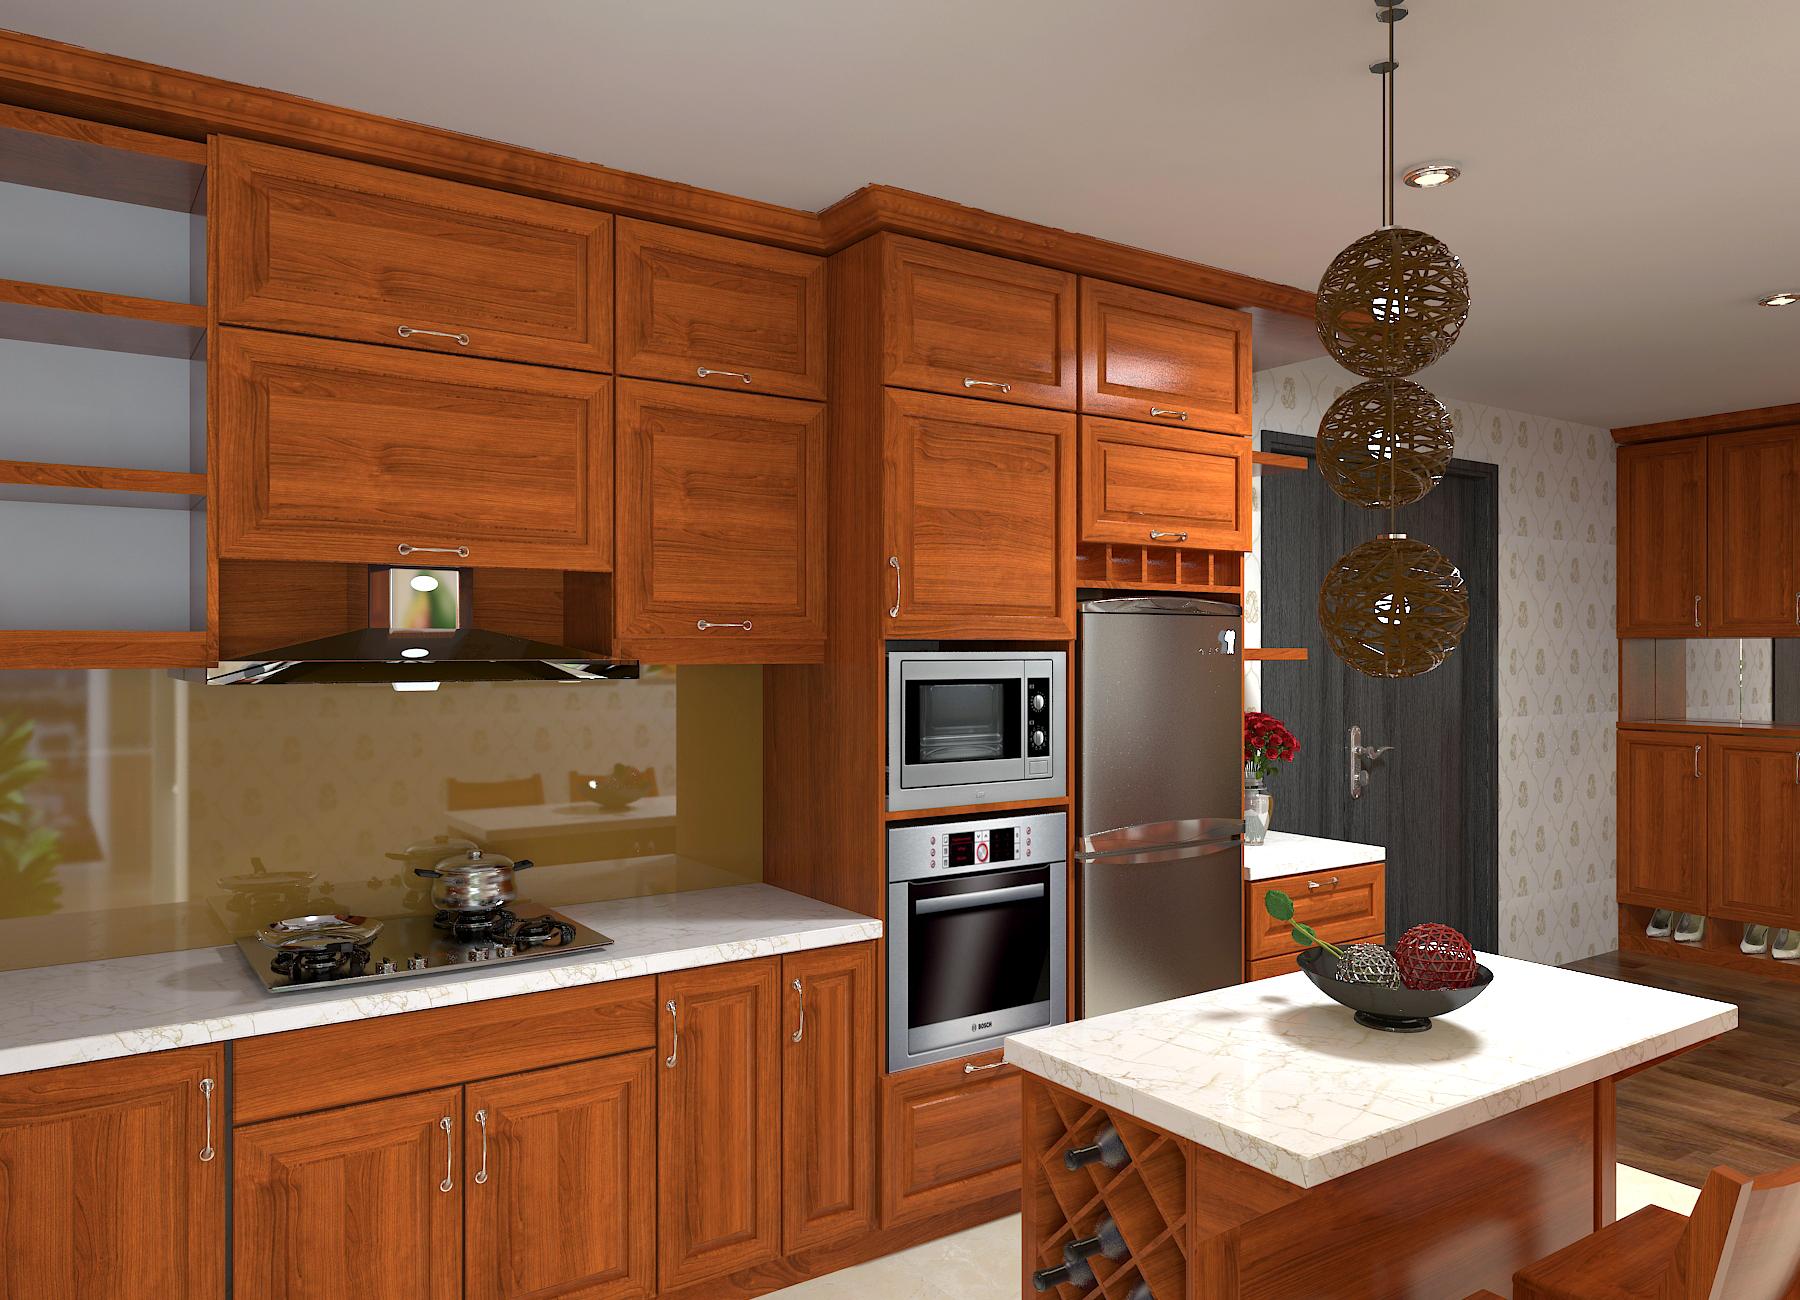 Thiết kế nội thất chung cư 3 phòng ngủ với gỗ tự nhiên – Hòa Bình Green City